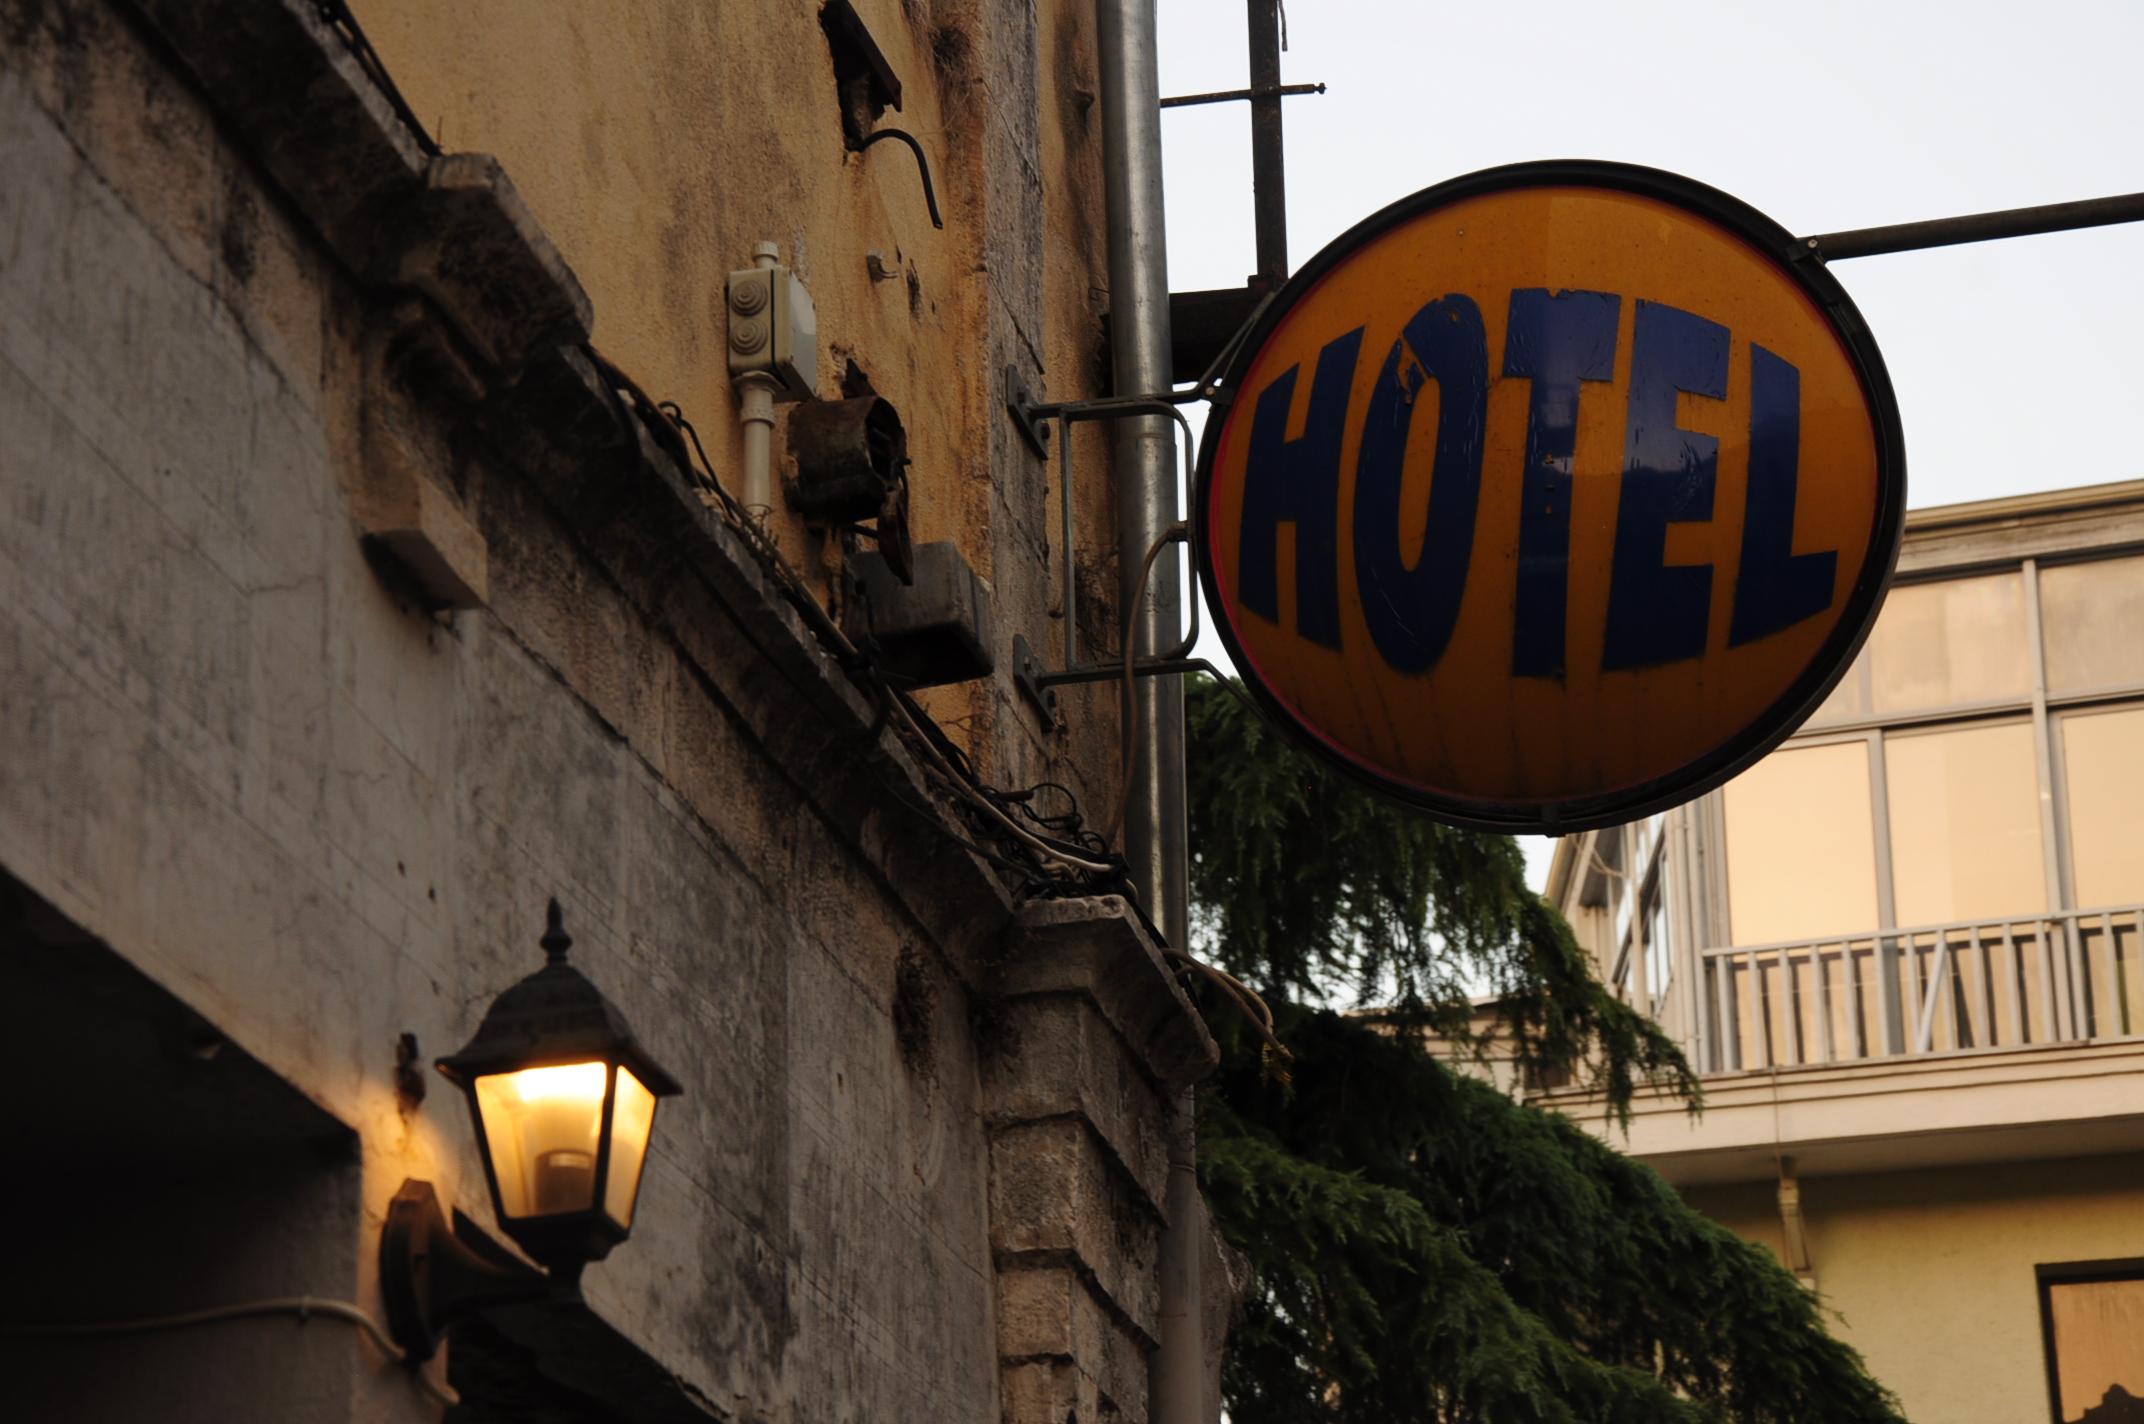 Szép régi hotelcégér a belvárosban